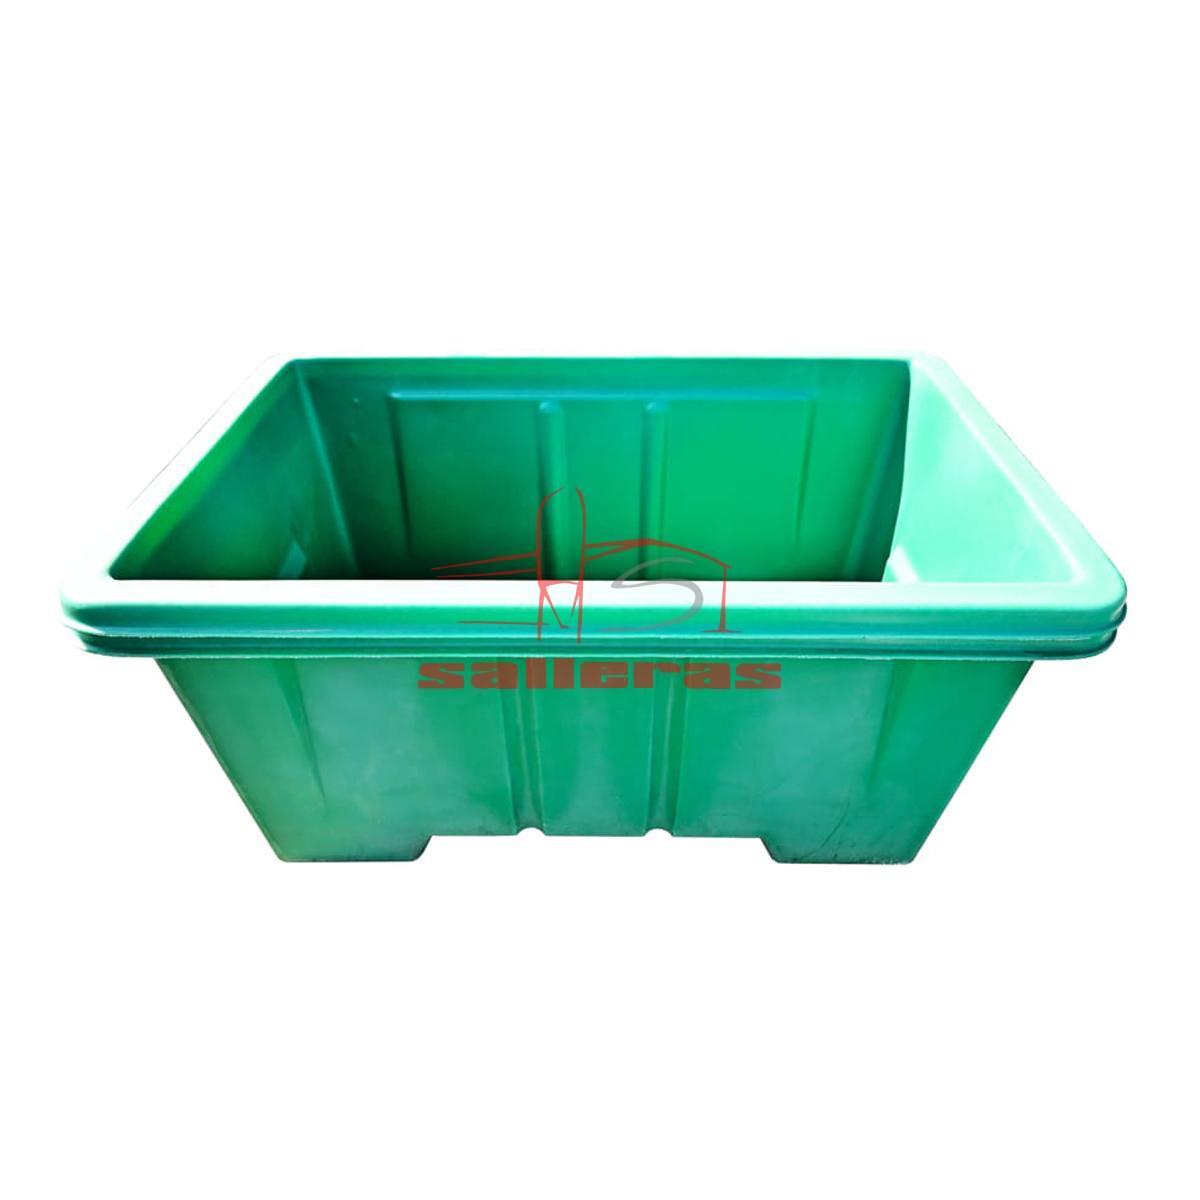 Cubeta verde de contenedor de plastico de 950 litros